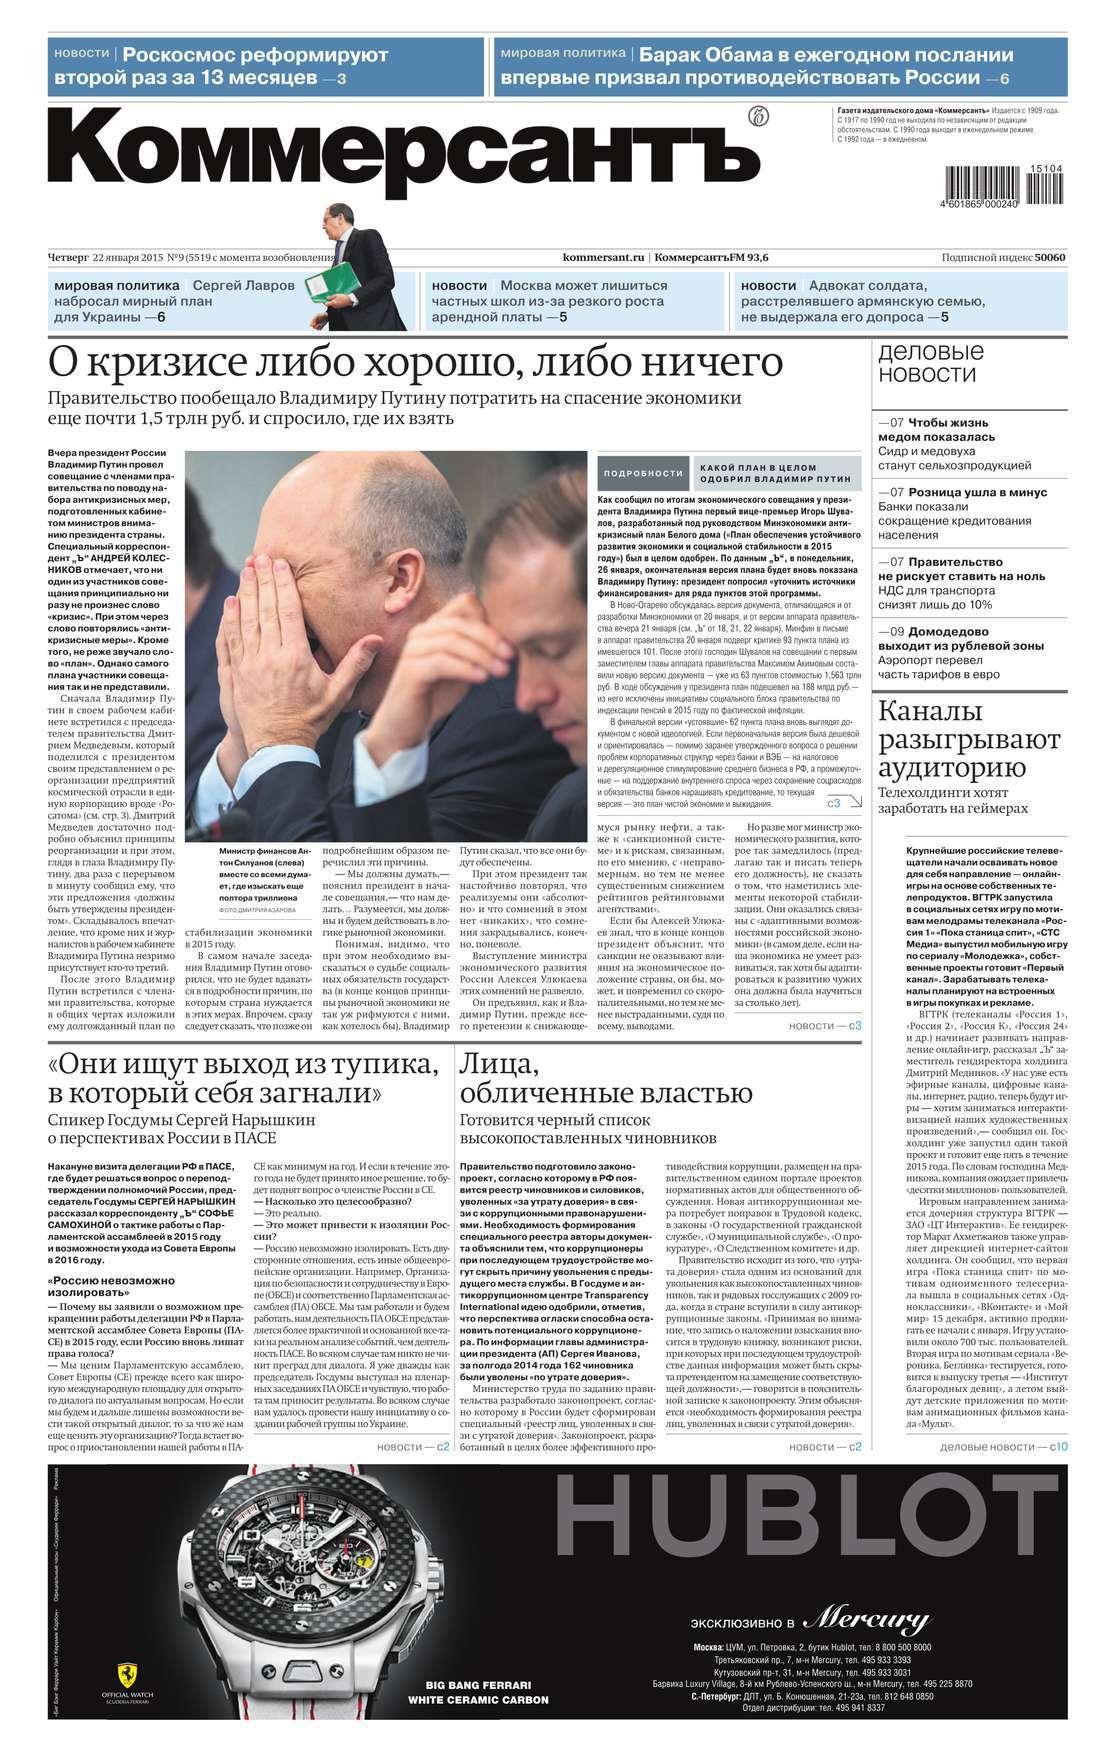 Скачать КоммерсантЪ 09-2015 бесплатно Редакция газеты КоммерсантЪ